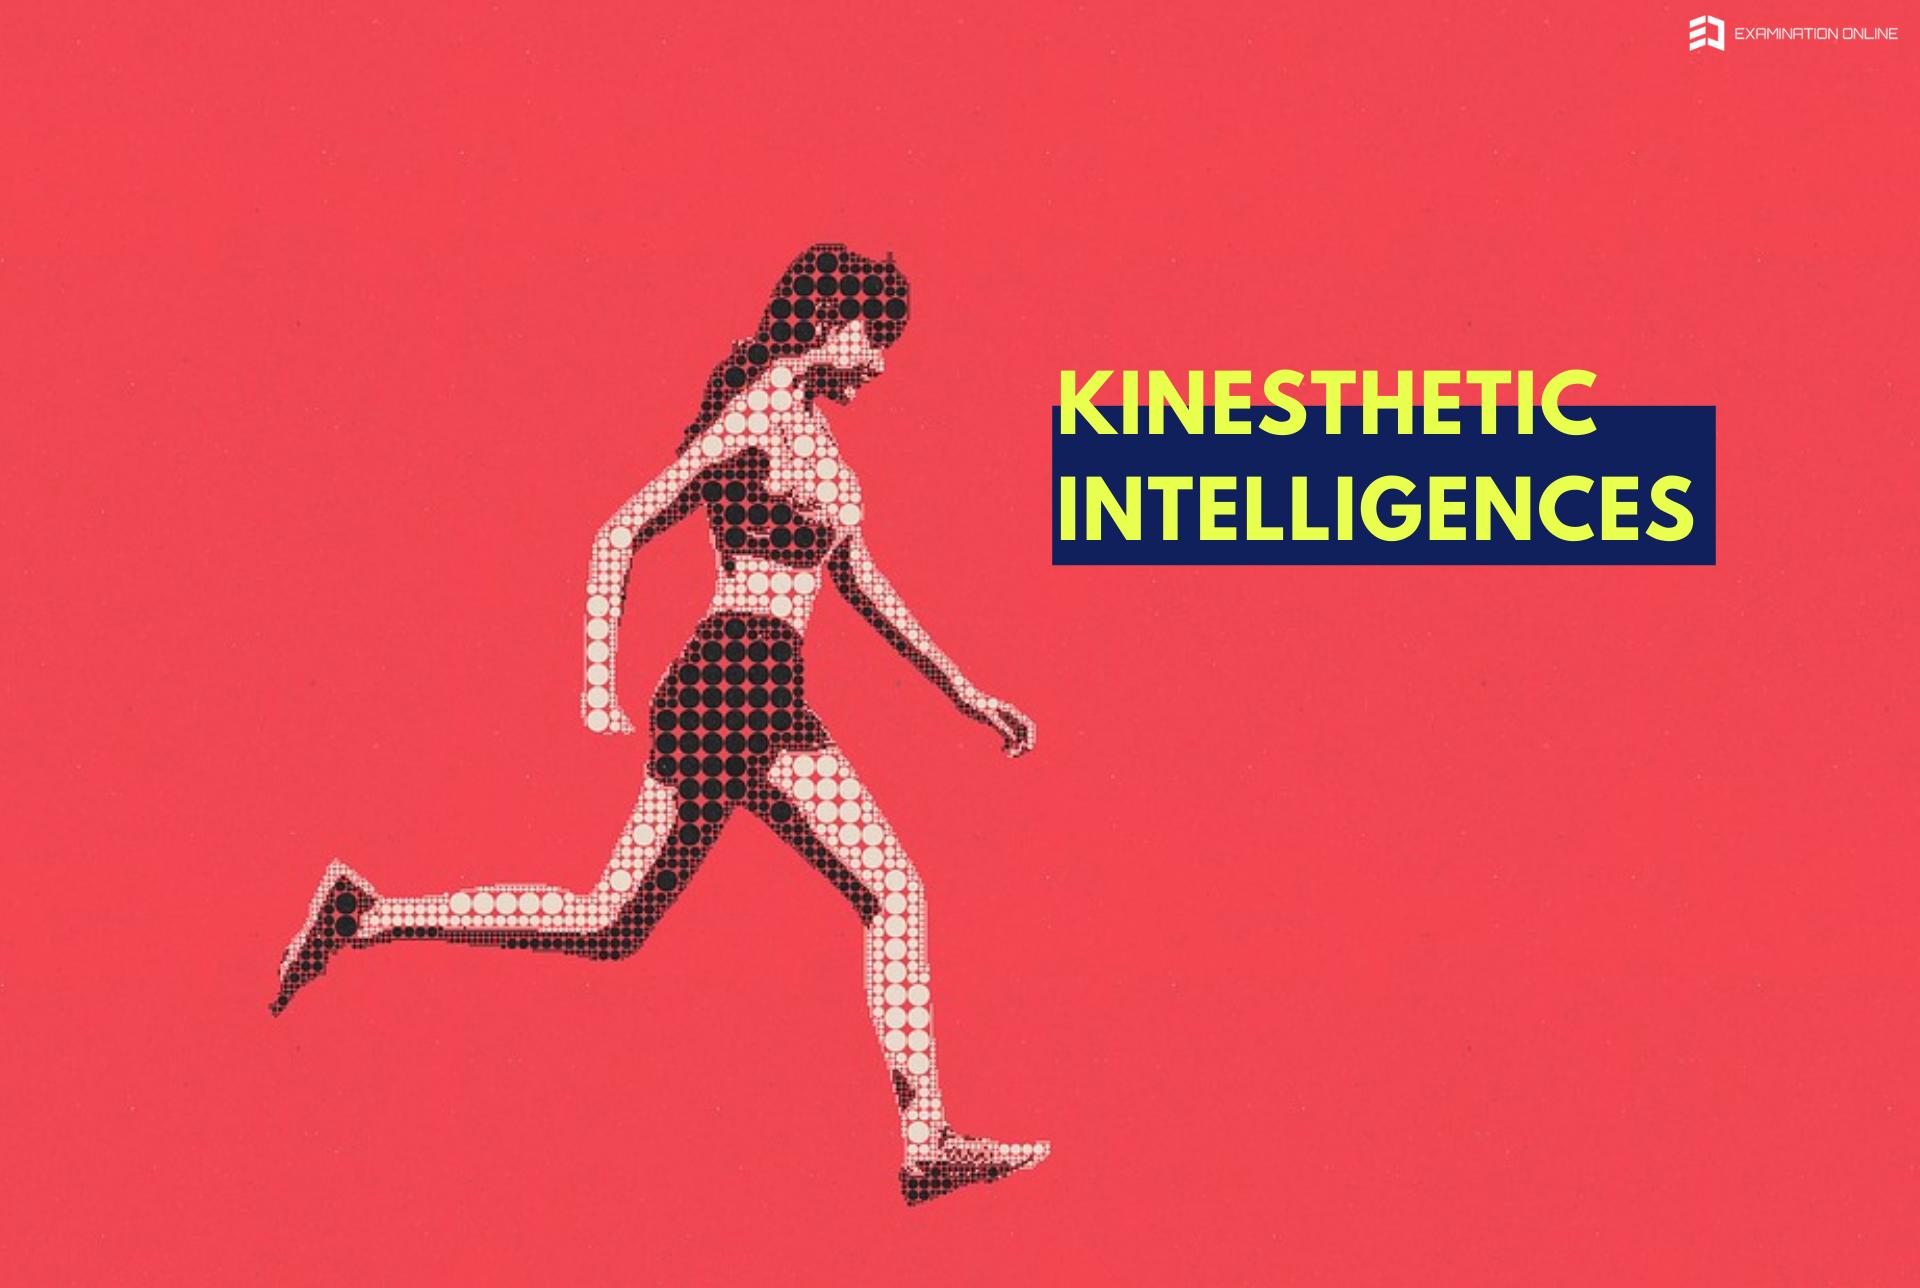 kinesthetic intelligence